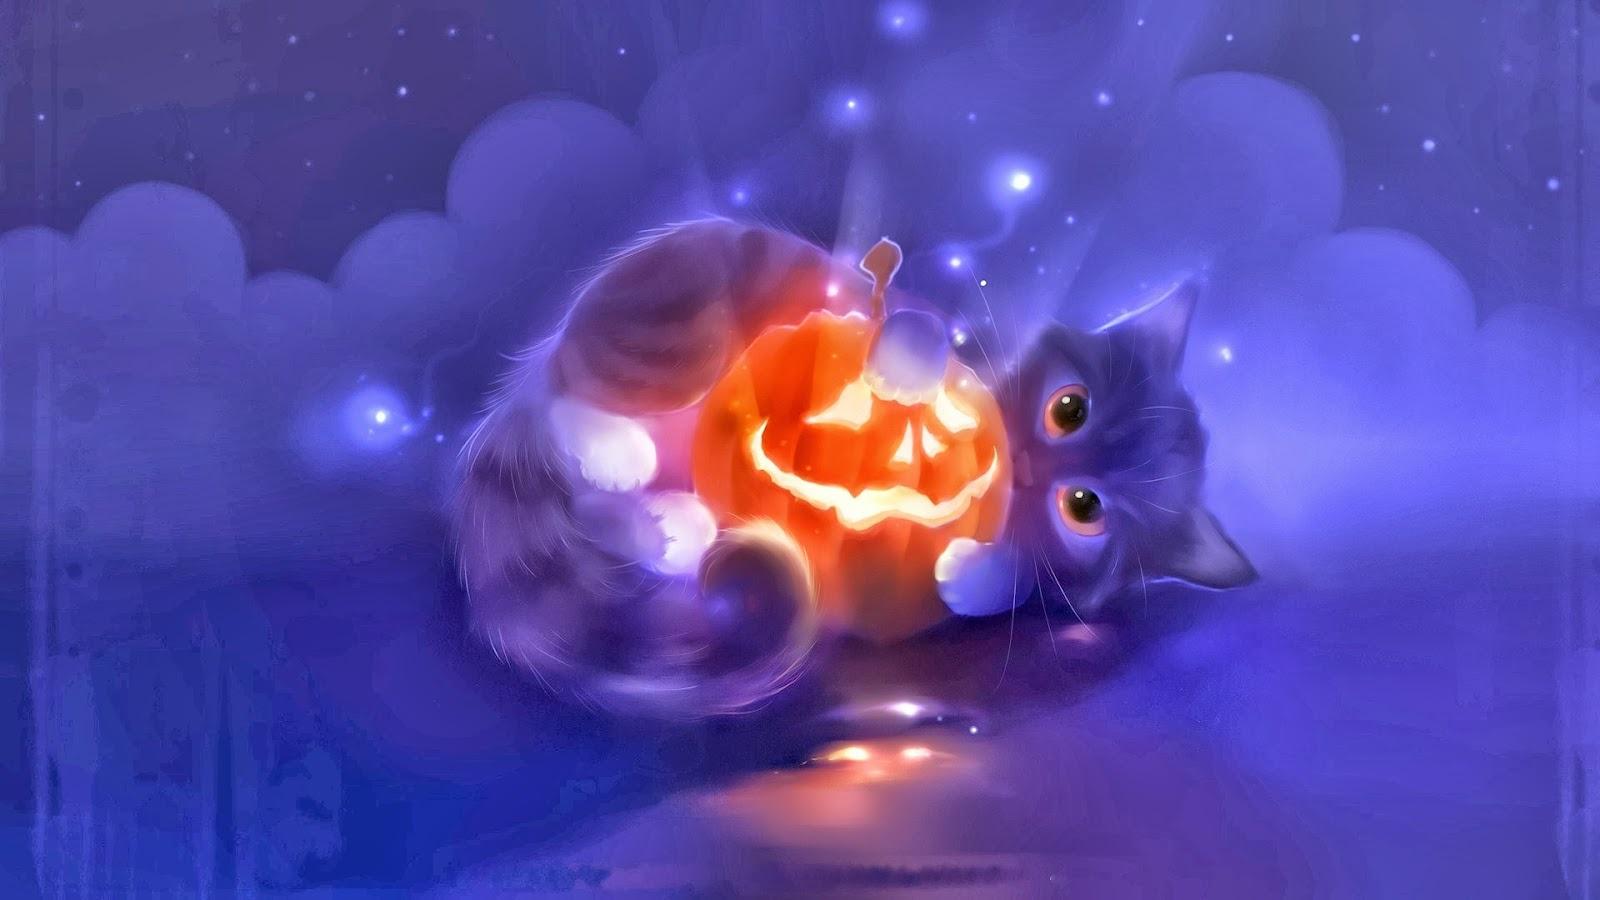 Most Inspiring Wallpaper Halloween Kitten - Halloween-Cute-pumpkin-head-cat-holiday-hd-wallpaper-1  Snapshot_866480.jpg